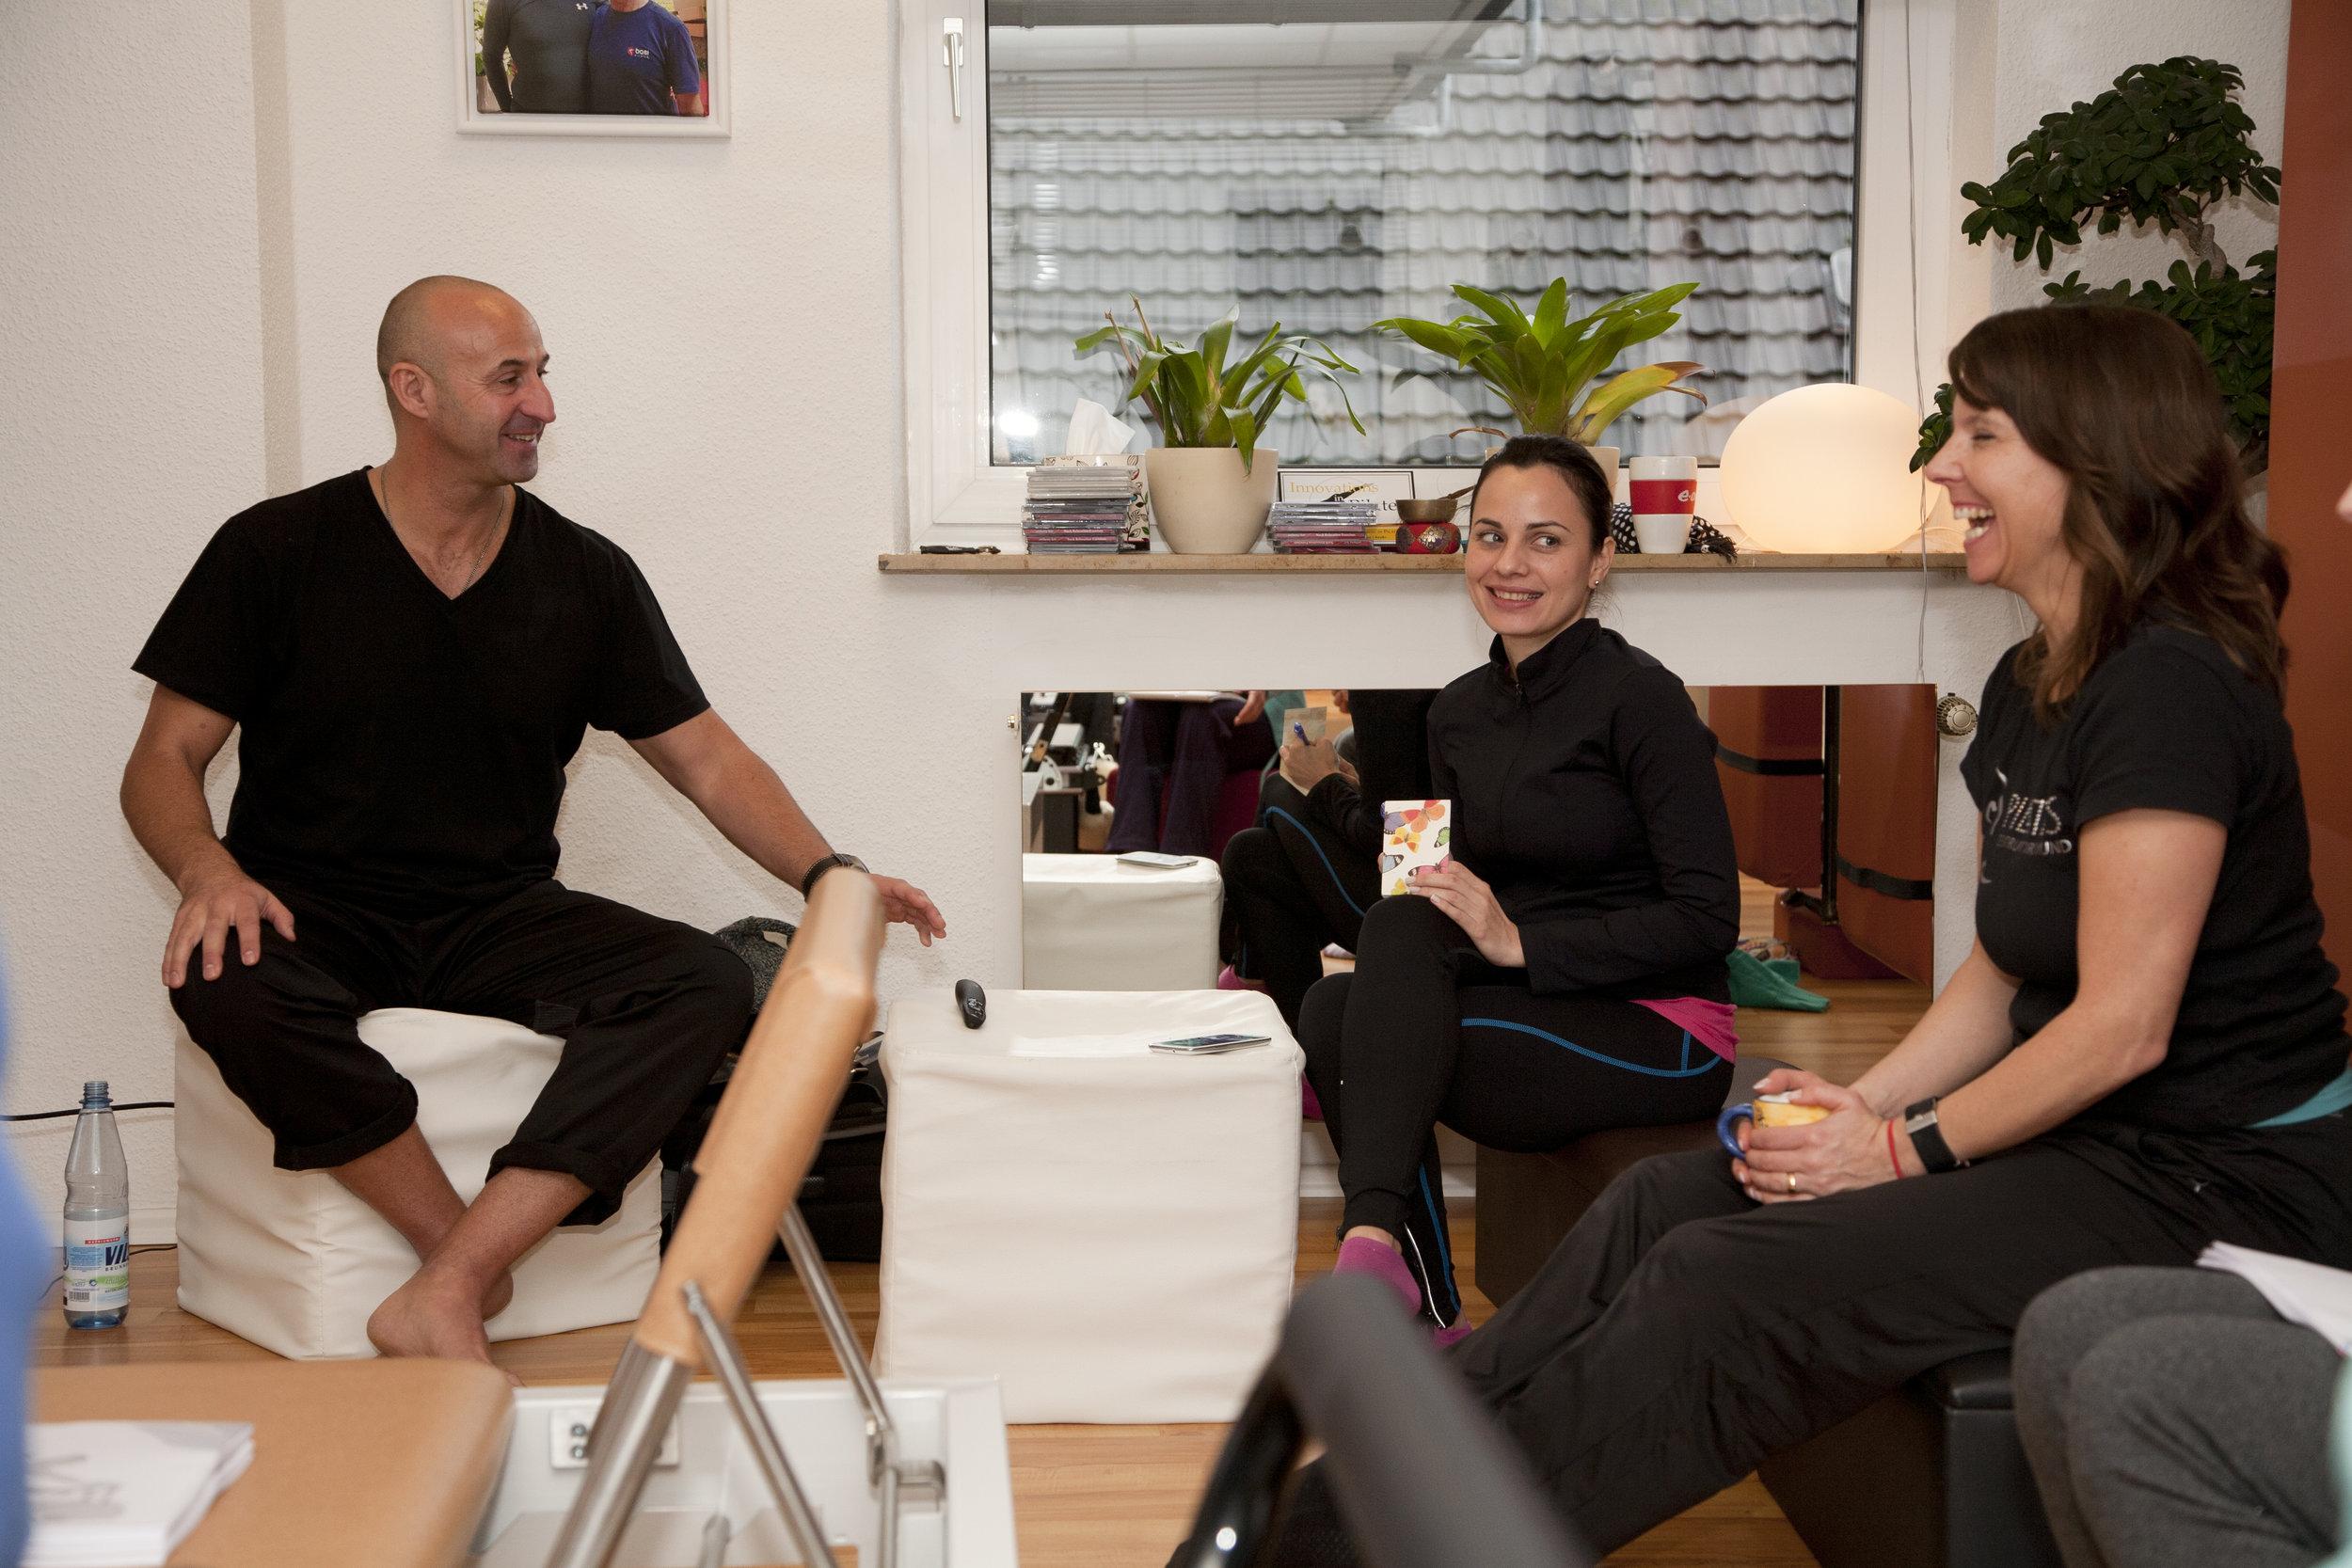 Zu Beginn führten uns Anthony Lett (links) und seine Lebensgefährtin Kenyi Diaz in die Stretching Methode ein.